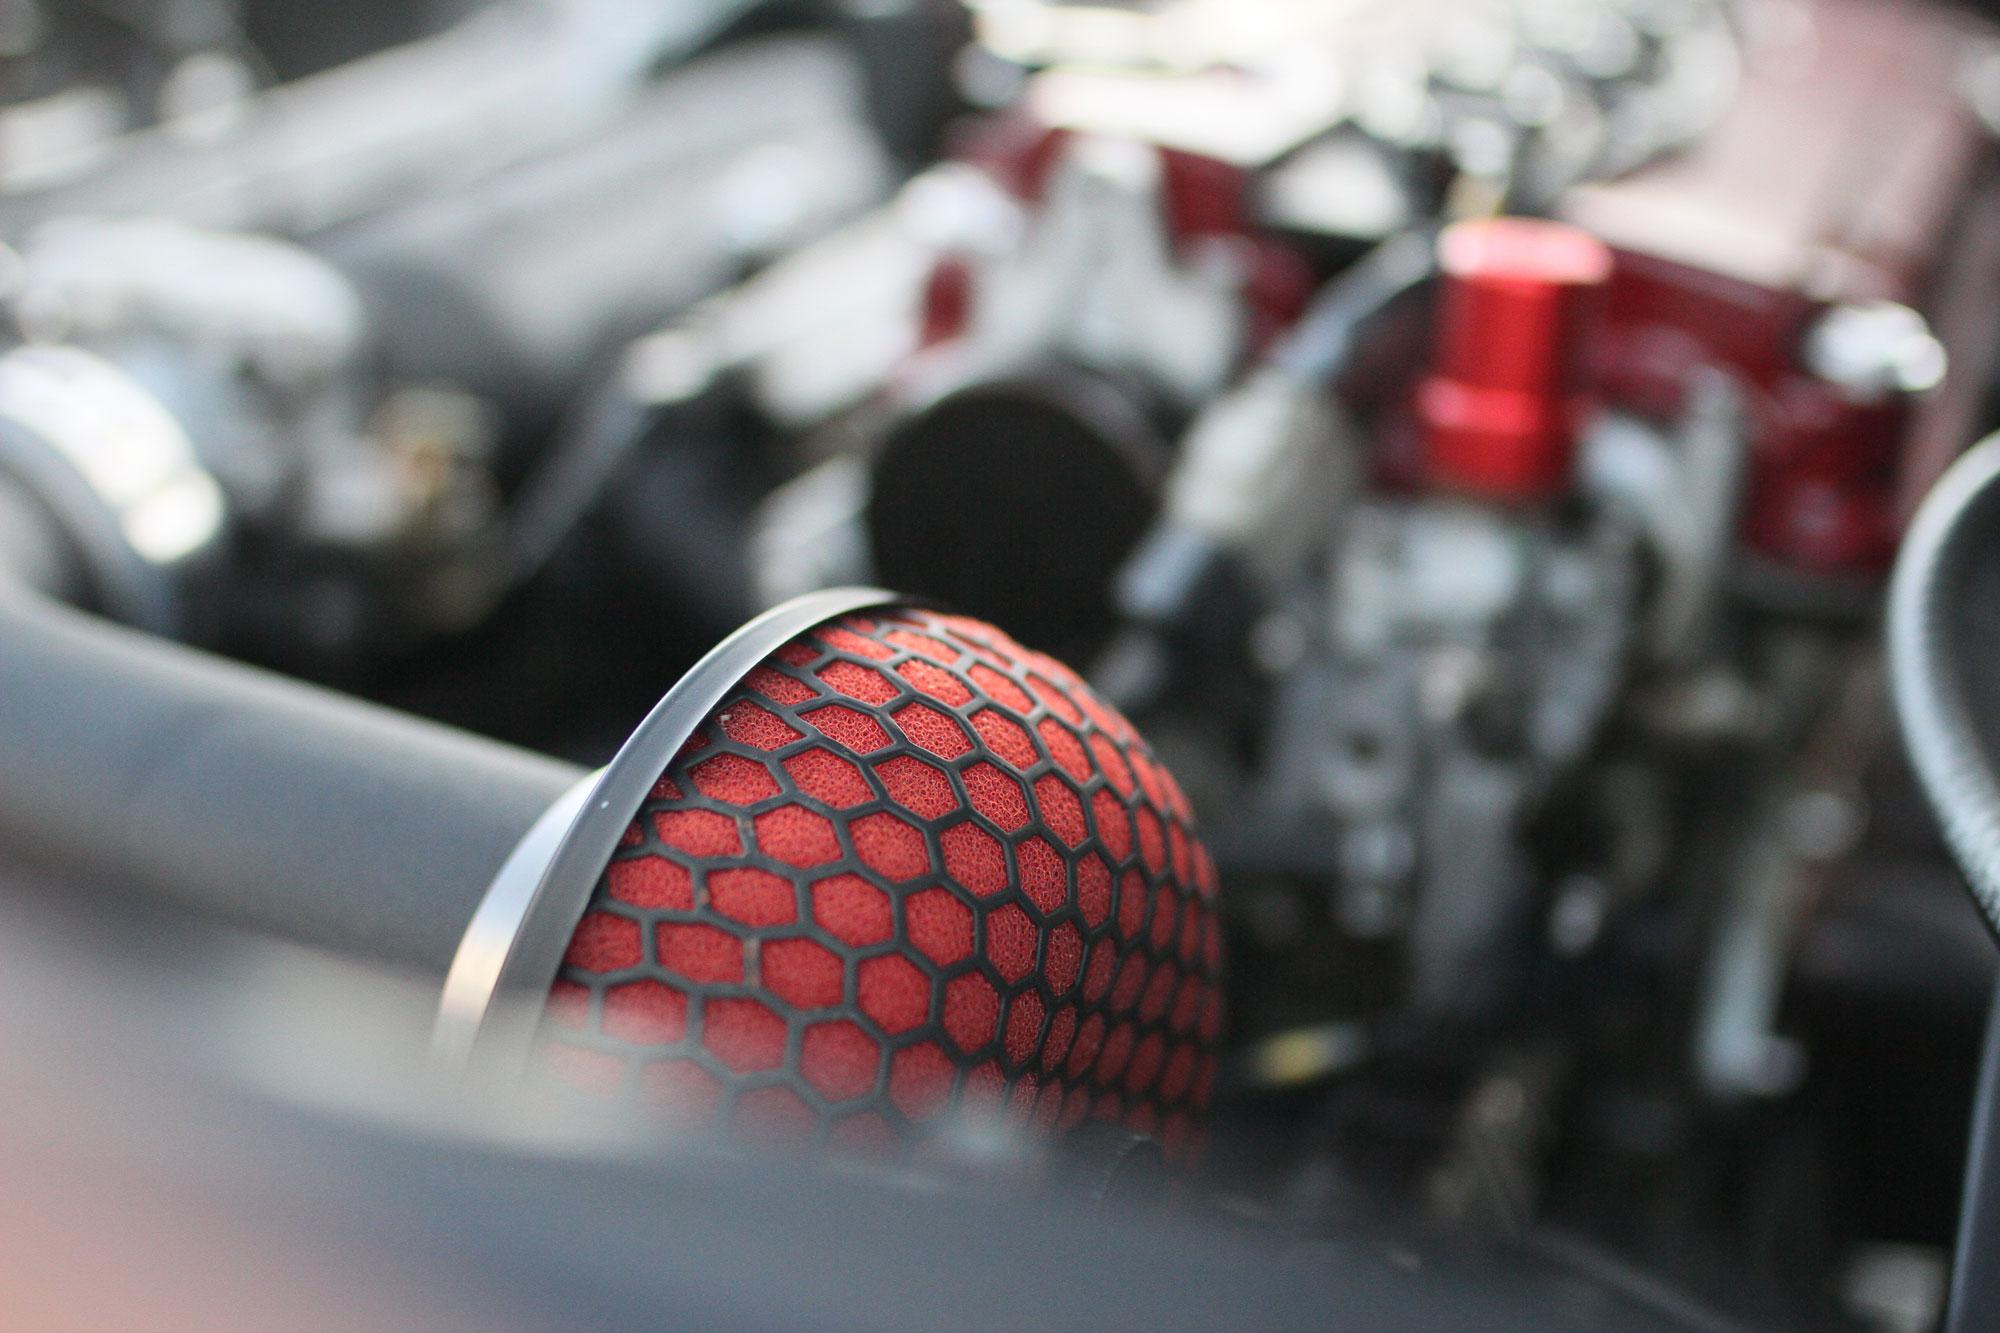 Luftfilter i rött som sitter på sidan av Integra motorn.